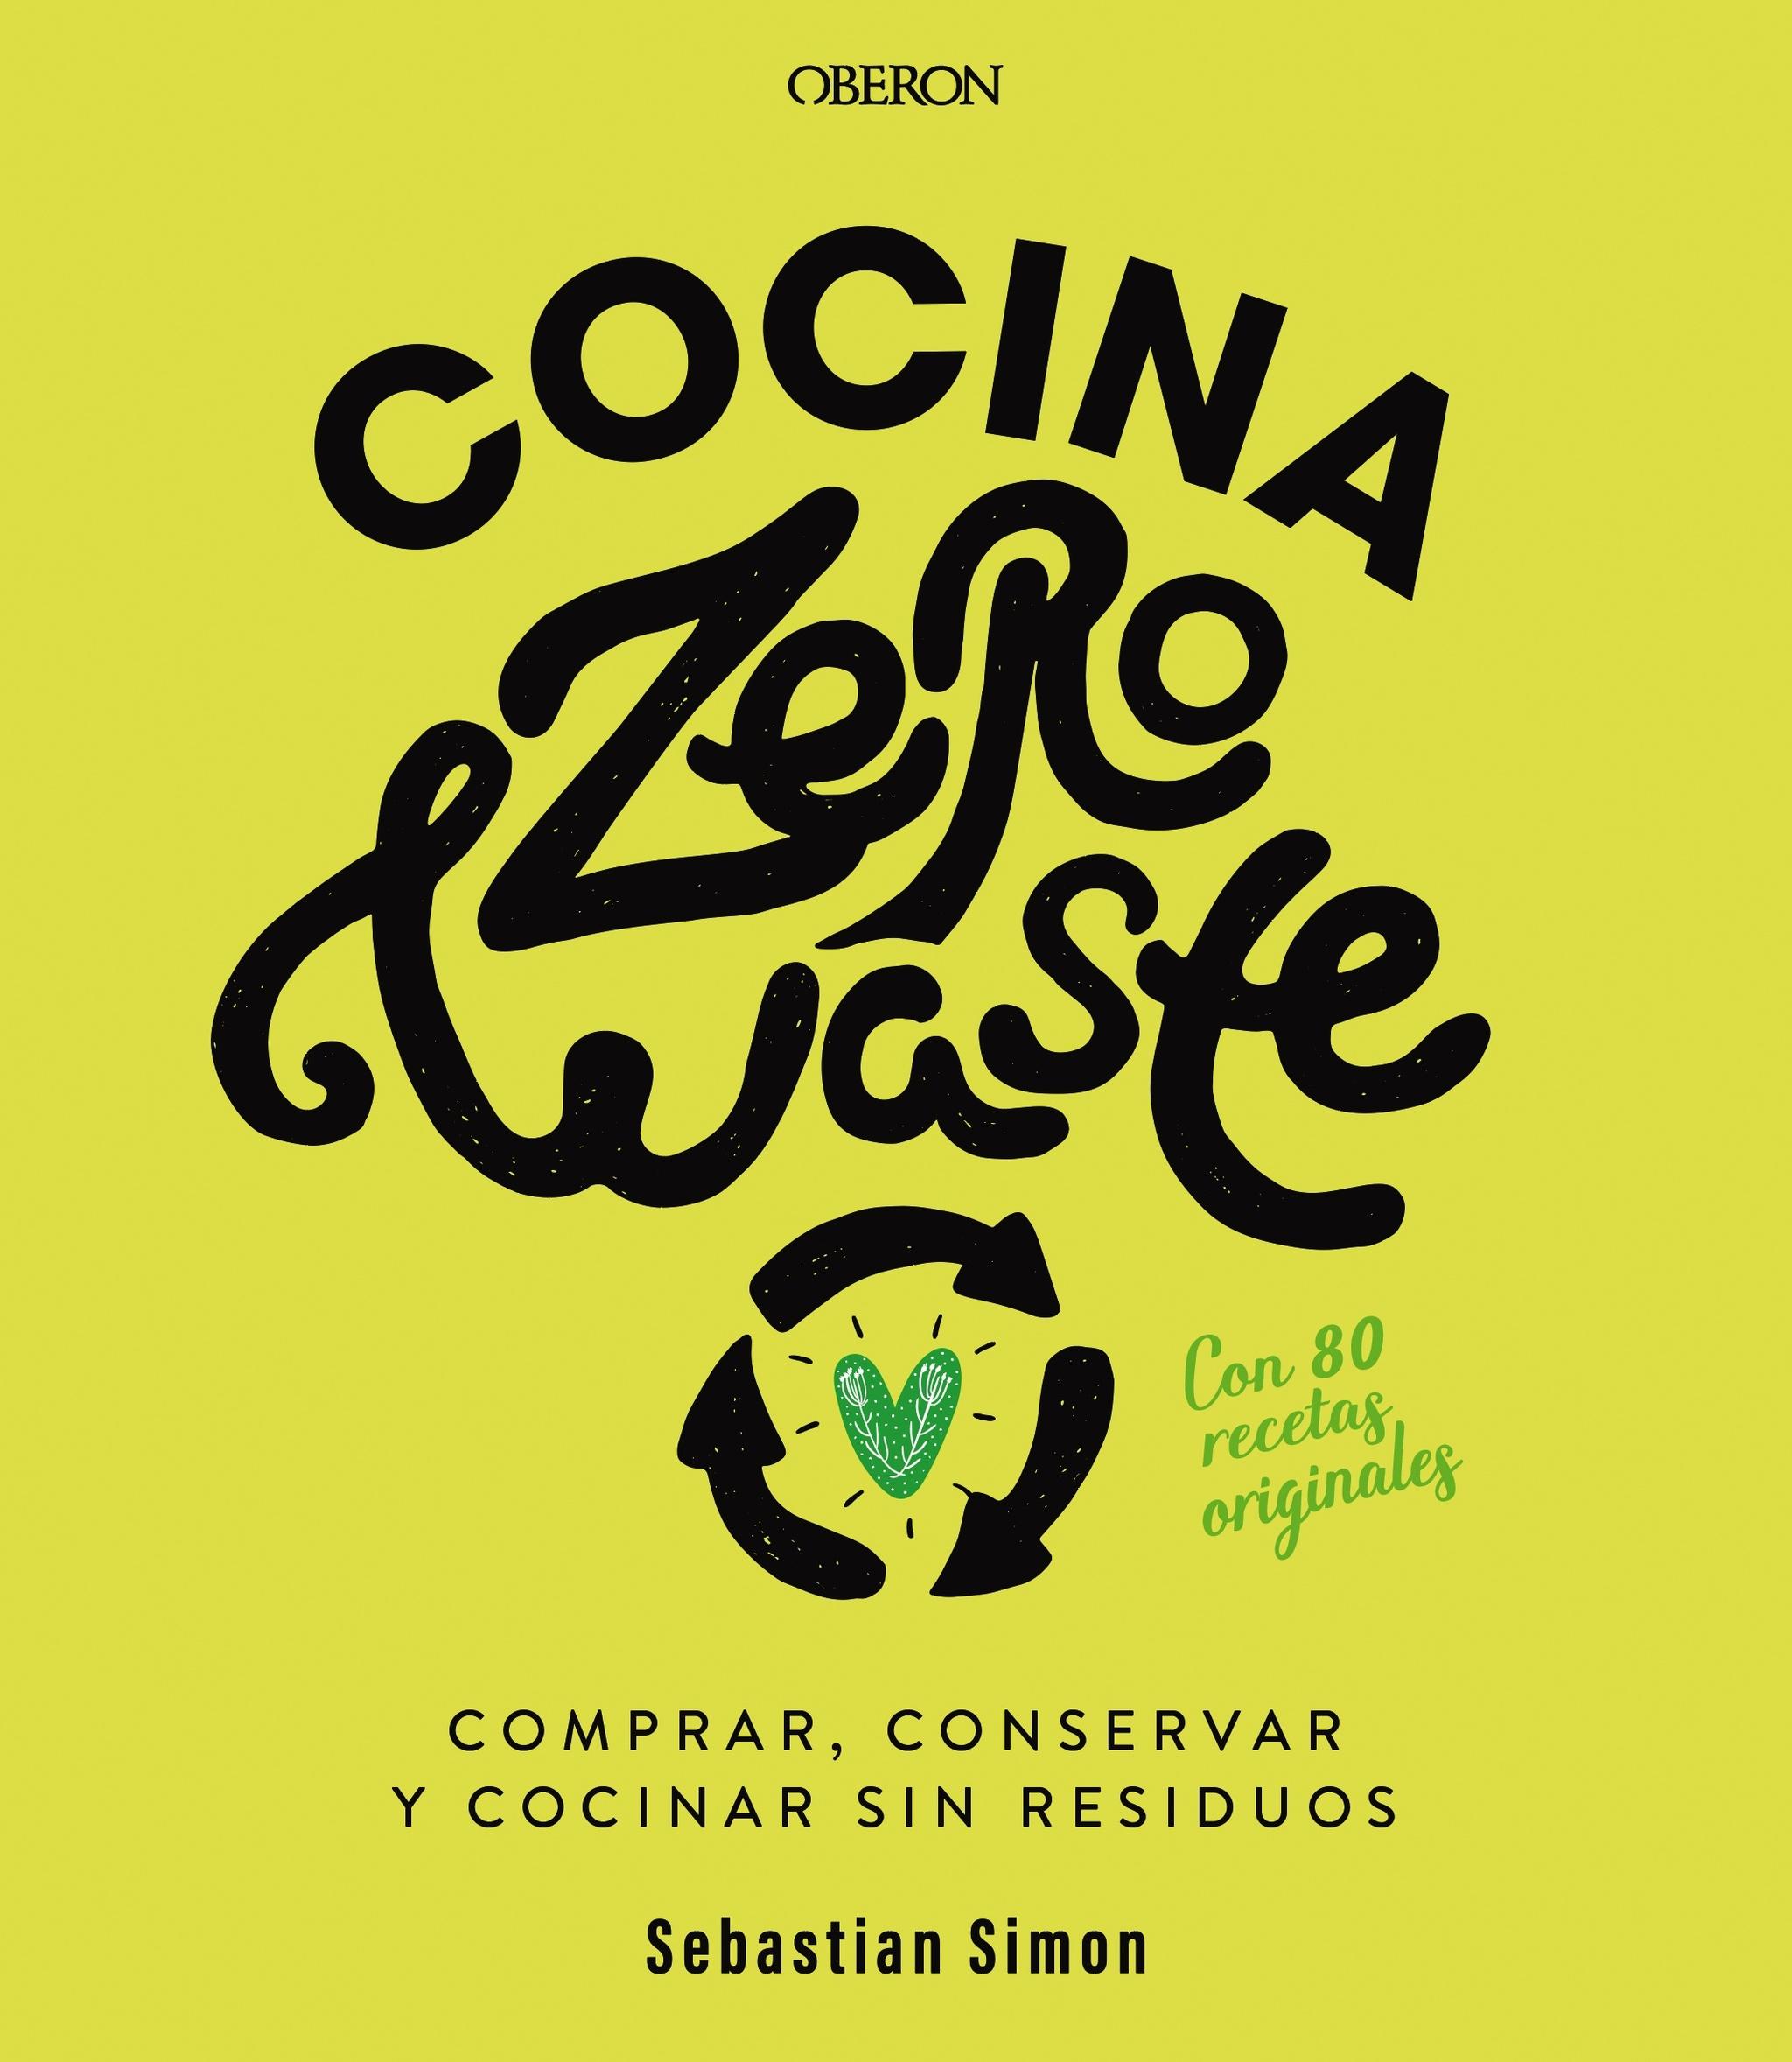 Cocina Zero wate, de Sebastian Simon (Oberon, 18 euros)